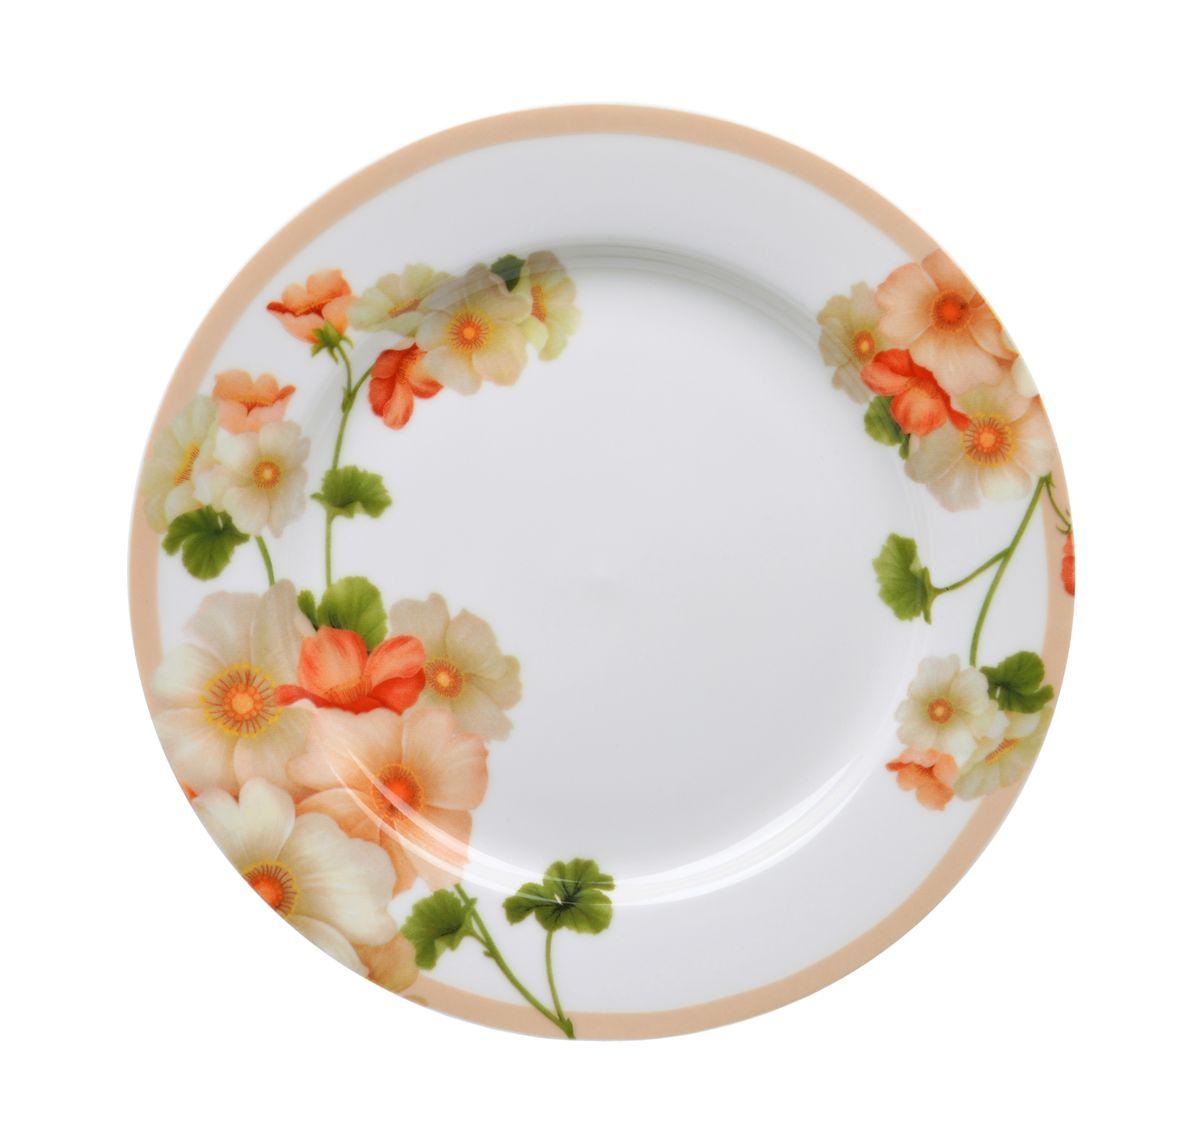 Тарелка для горячего Nanshan Porcelain Мальва, диаметр 23 смGNNSML00190Тарелка для горячего Nanshan Porcelain Мальва изготовлена из высококачественного фарфора. Предназначена для красивой подачи различных блюд. Изделие декорировано ярким цветочным рисунком. Такая тарелка украсит сервировку стола и подчеркнет прекрасный вкус хозяйки. Можно мыть в посудомоечной машине и использовать в СВЧ. Диаметр: 22,5 см. Высота: 2 см.